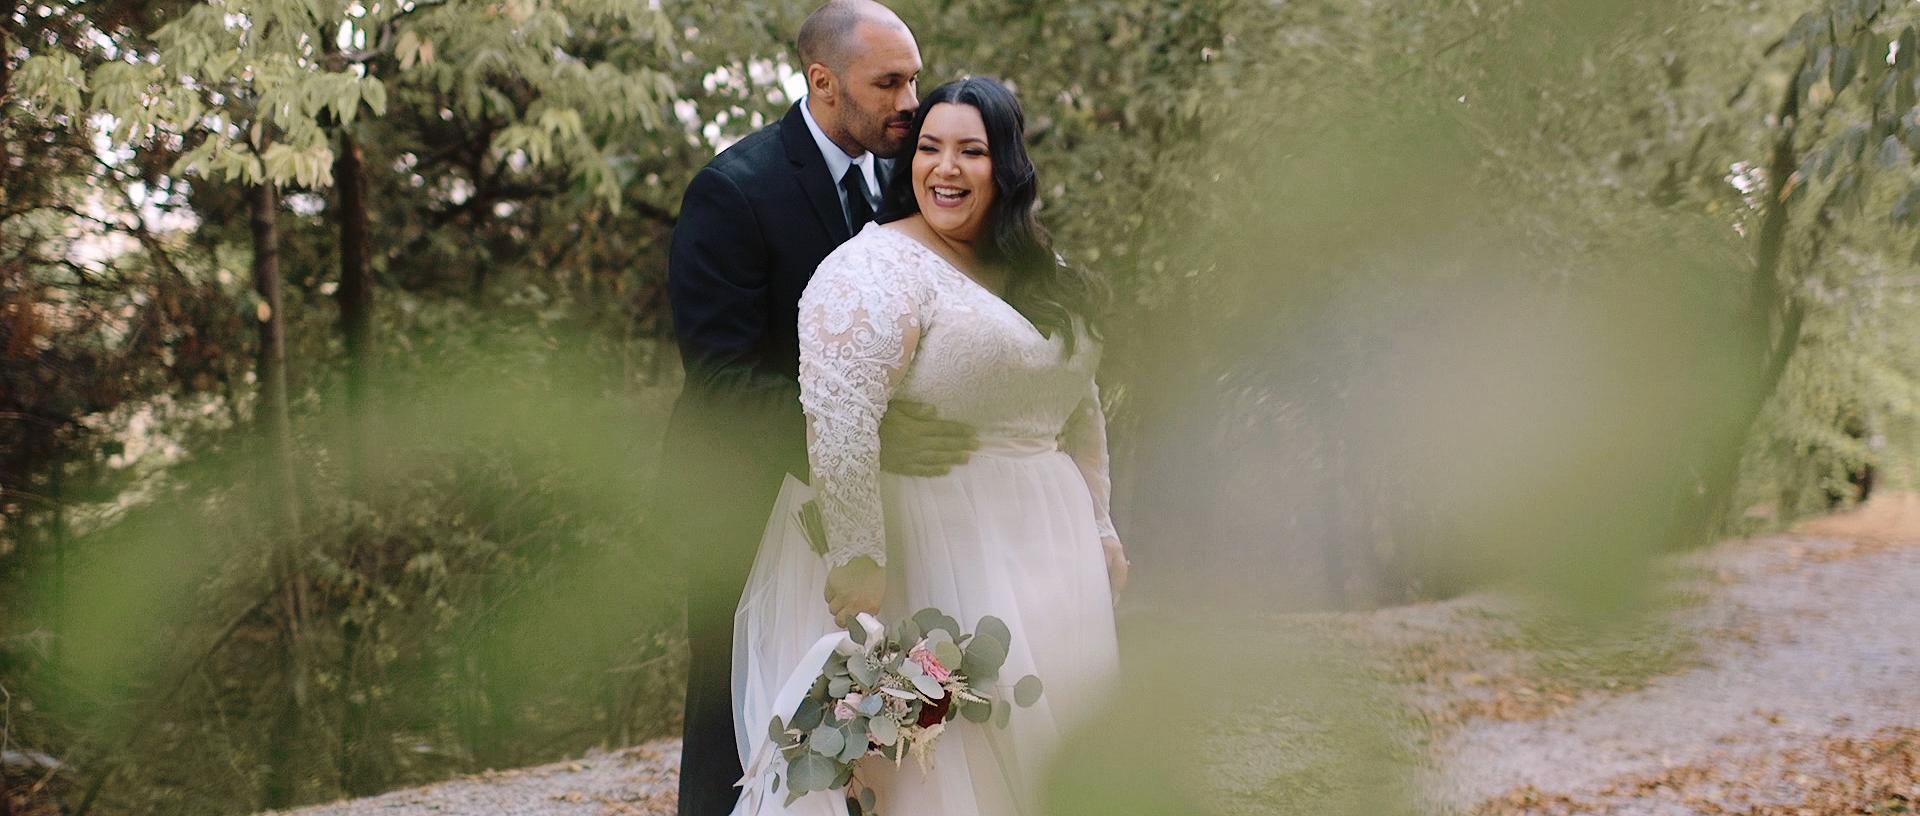 noahs-wedding-video